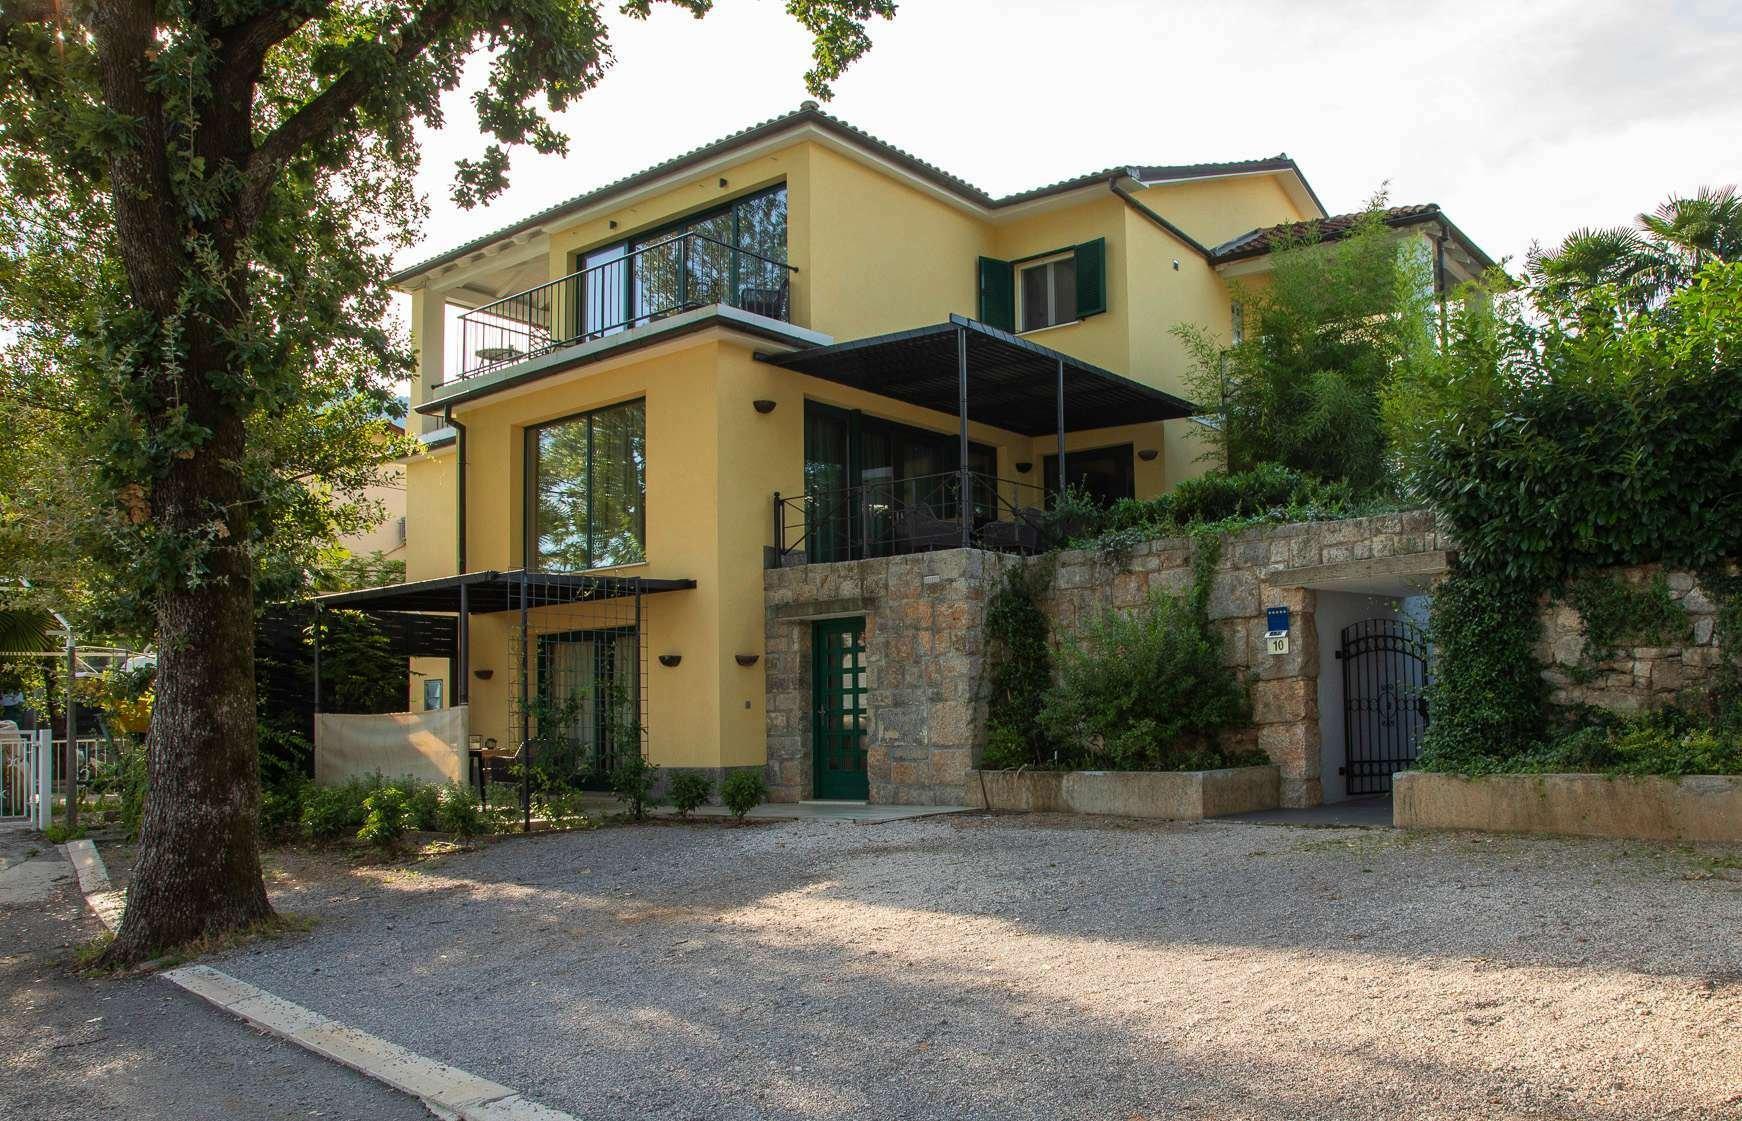 House in Ika, Primorje-Gorski Kotar County, Croatia 1 - 11490808